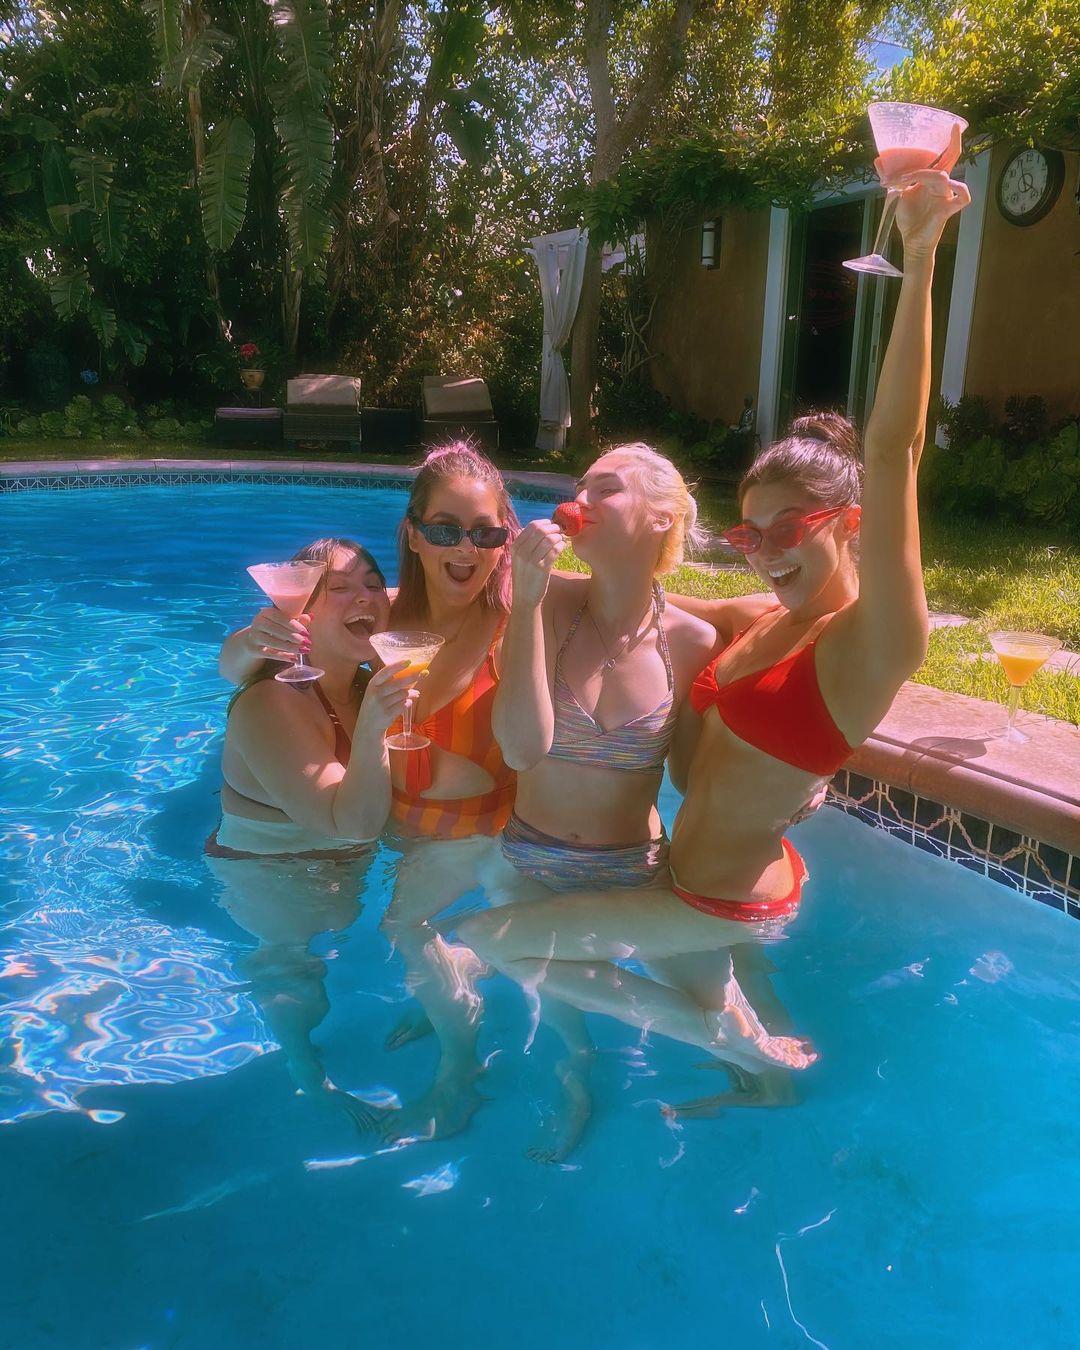 Kira Kosarin In Pool